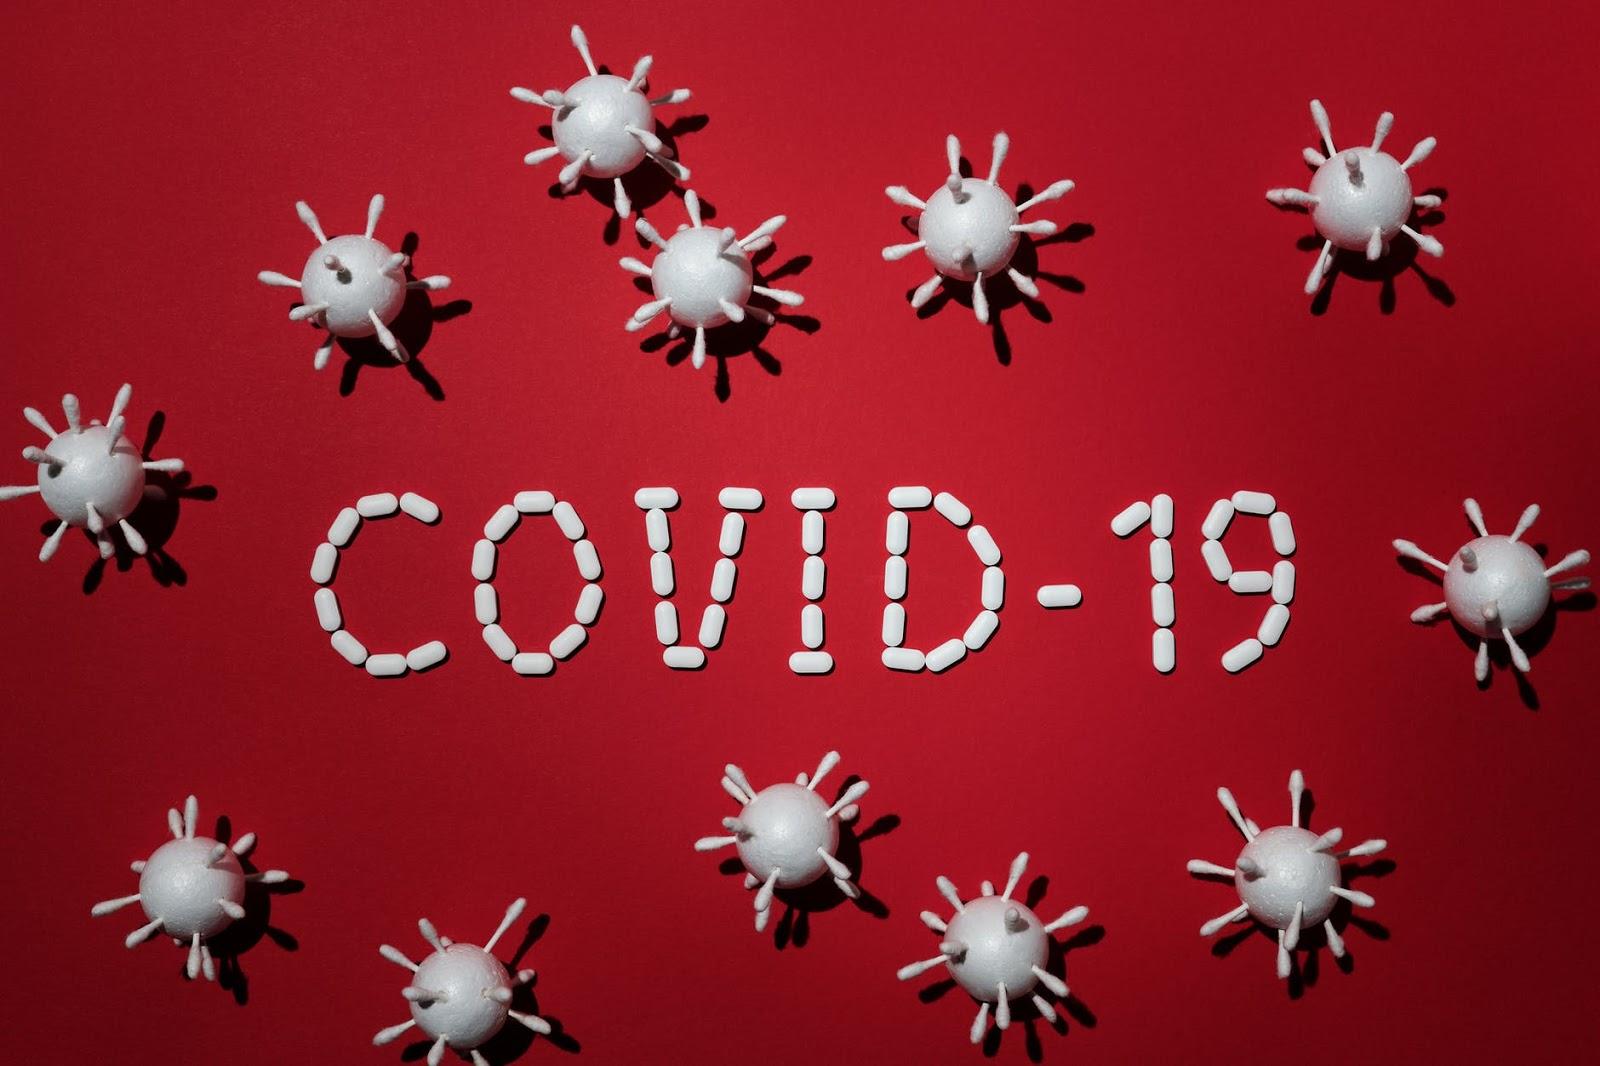 apa sih corona, bedakah dengan covid-19?